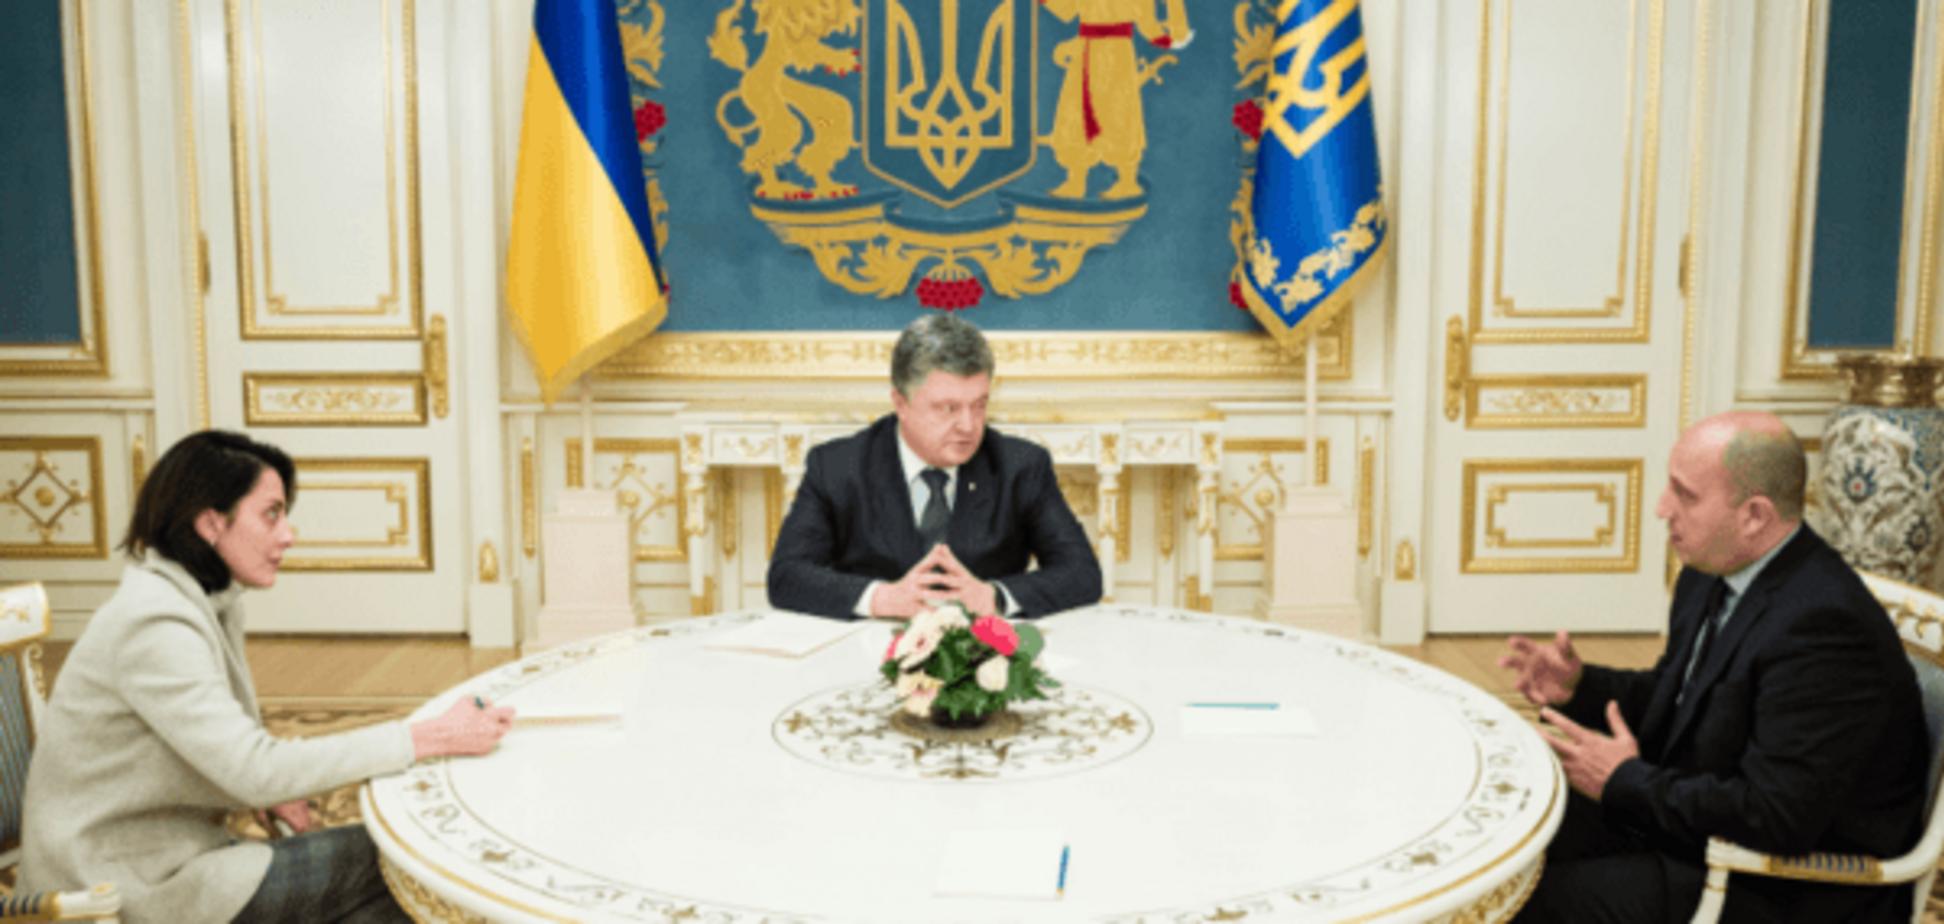 Порошенко дал украинское гражданство борцу с коррупцией в полиции